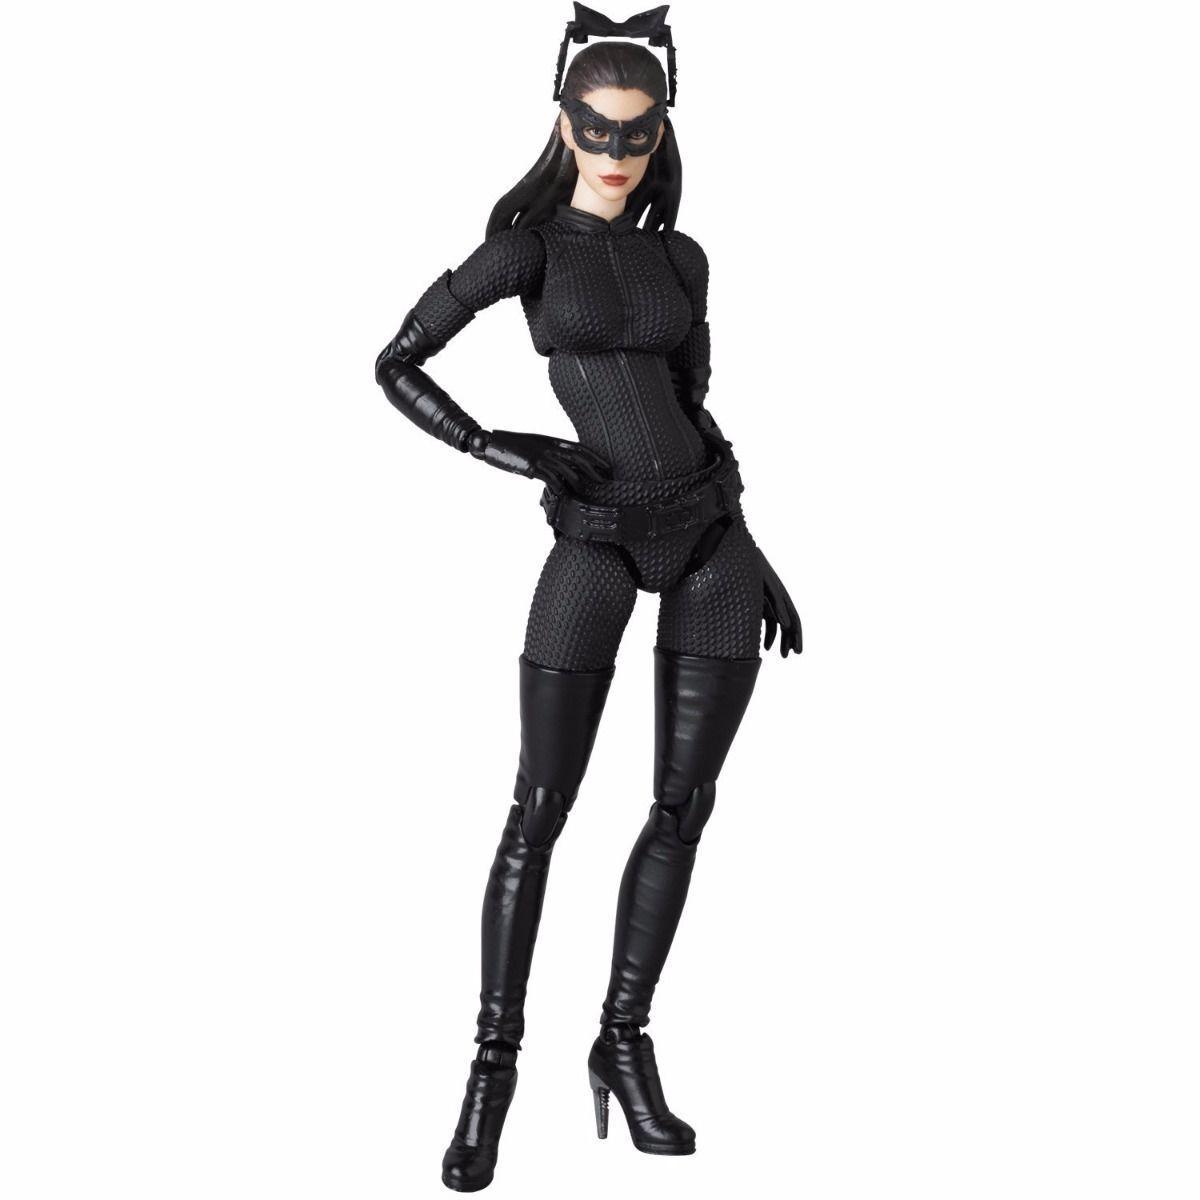 Medicom Juguete Mafex No.009 The Dark Knight Rises Selina Kyle Figura de Acción